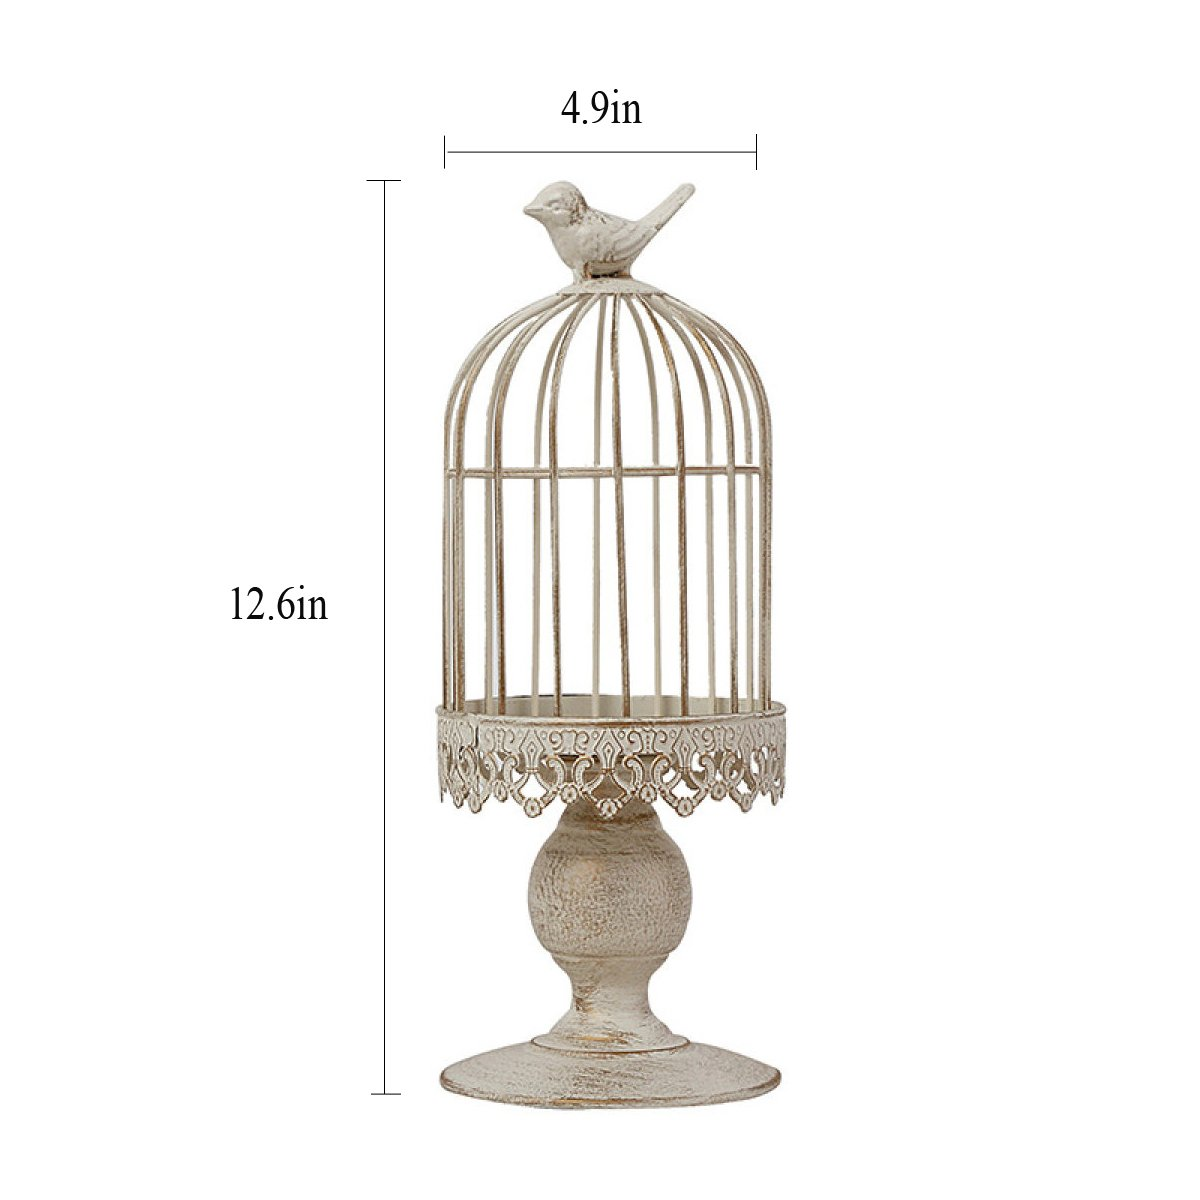 prima qualità ai consumatori LYQZ Portavasi da Fiori Continental Continental Continental Iron Decoration Bird Cage Candle Taiwan Matrimonio Paese Americano Romantico Compleanno Prodotti (Dimensioni   S.)  una marca di lusso